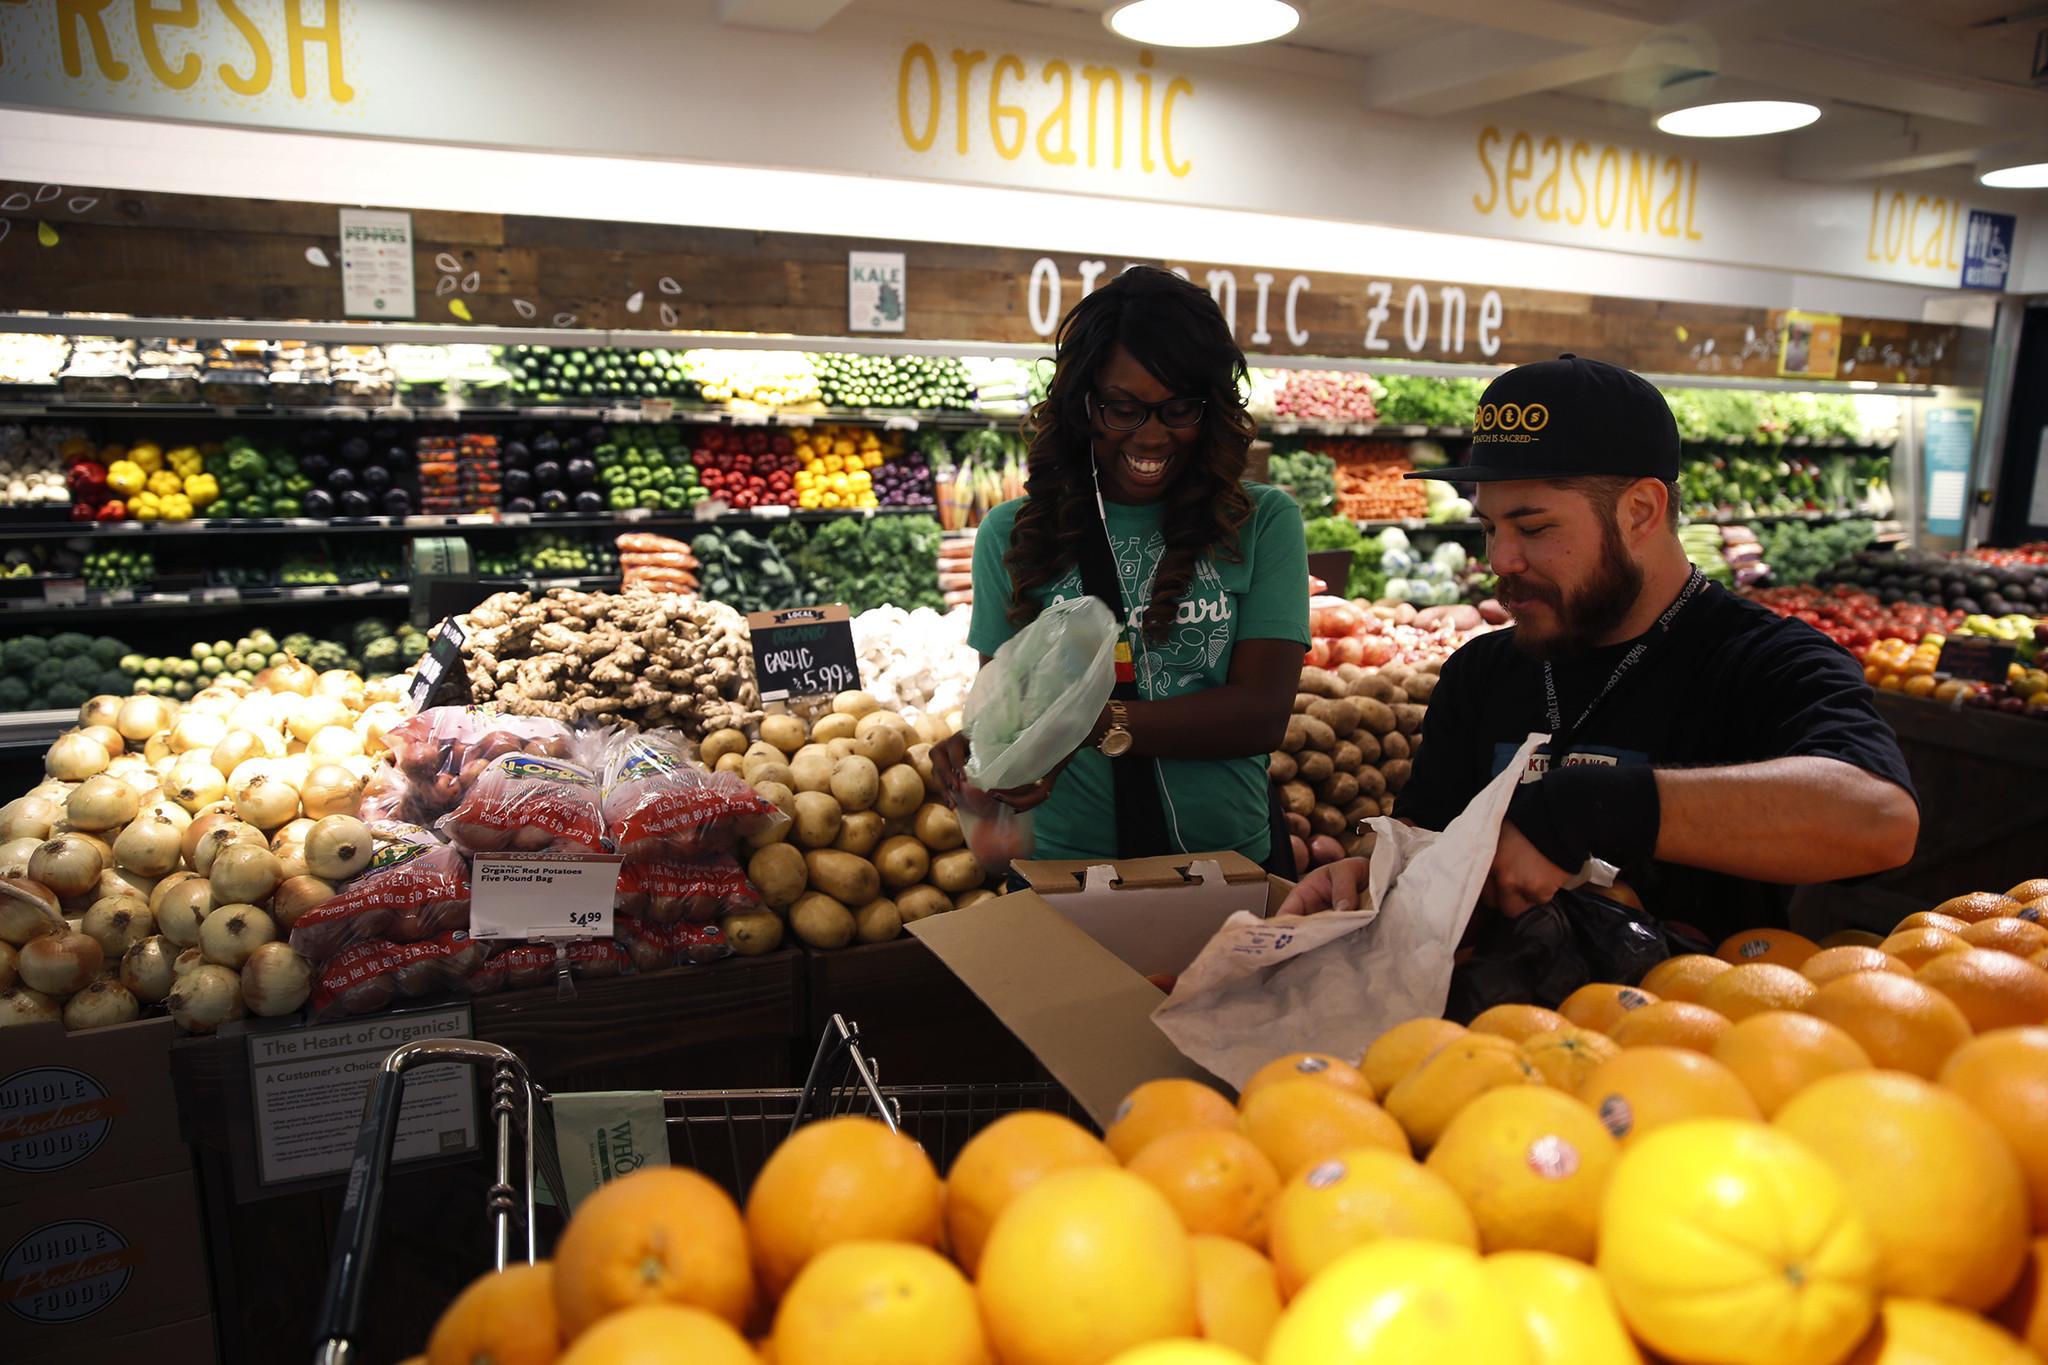 Chicago Tribune Amazon Whole Foods